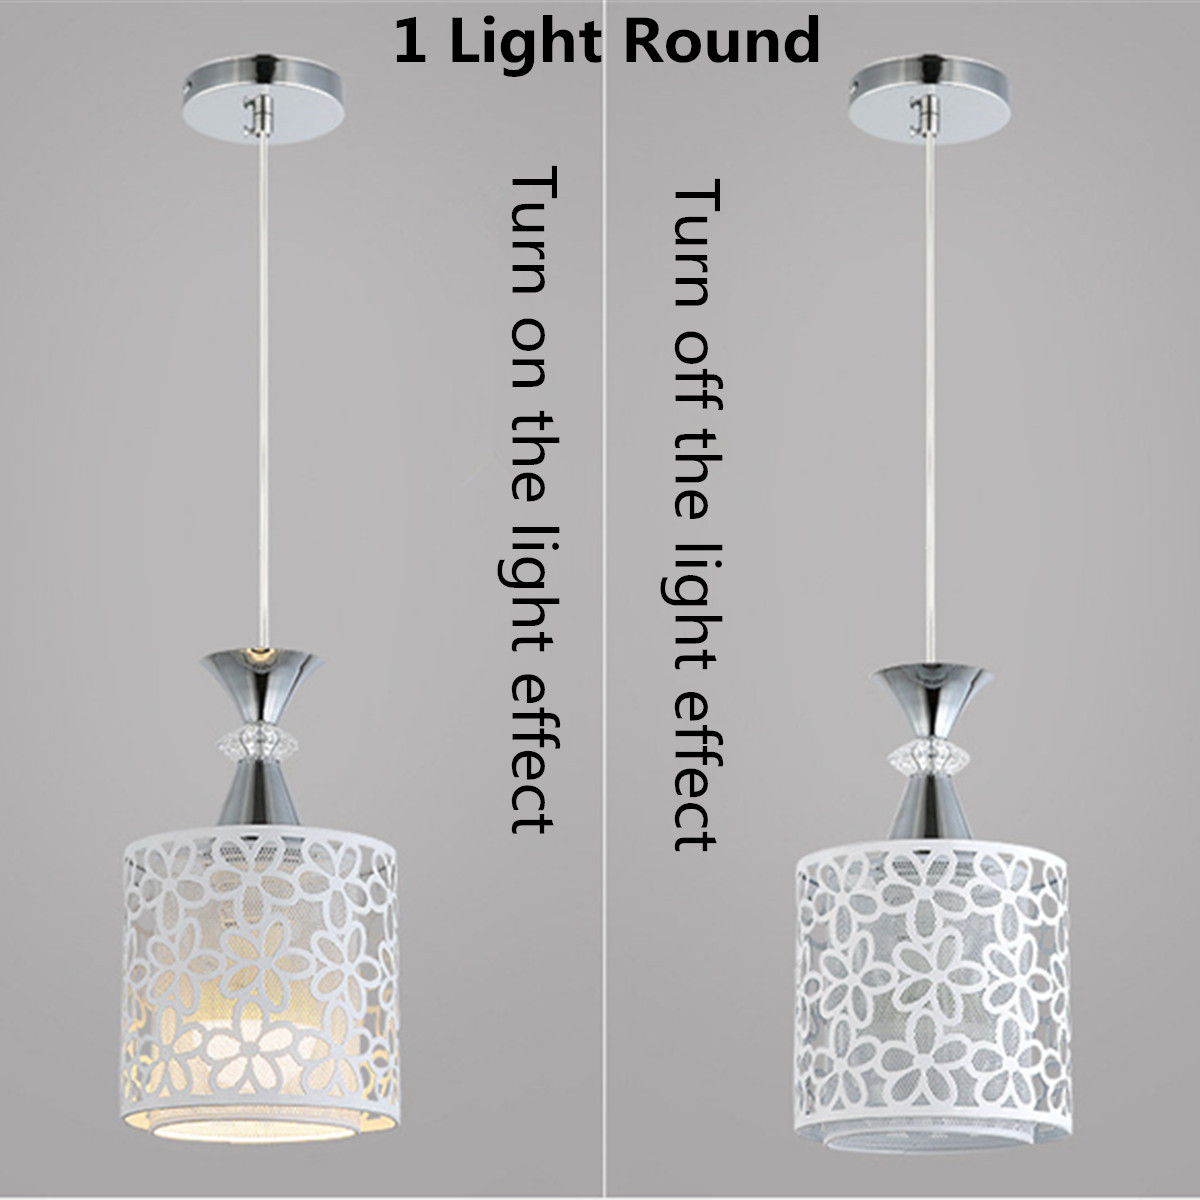 1 light